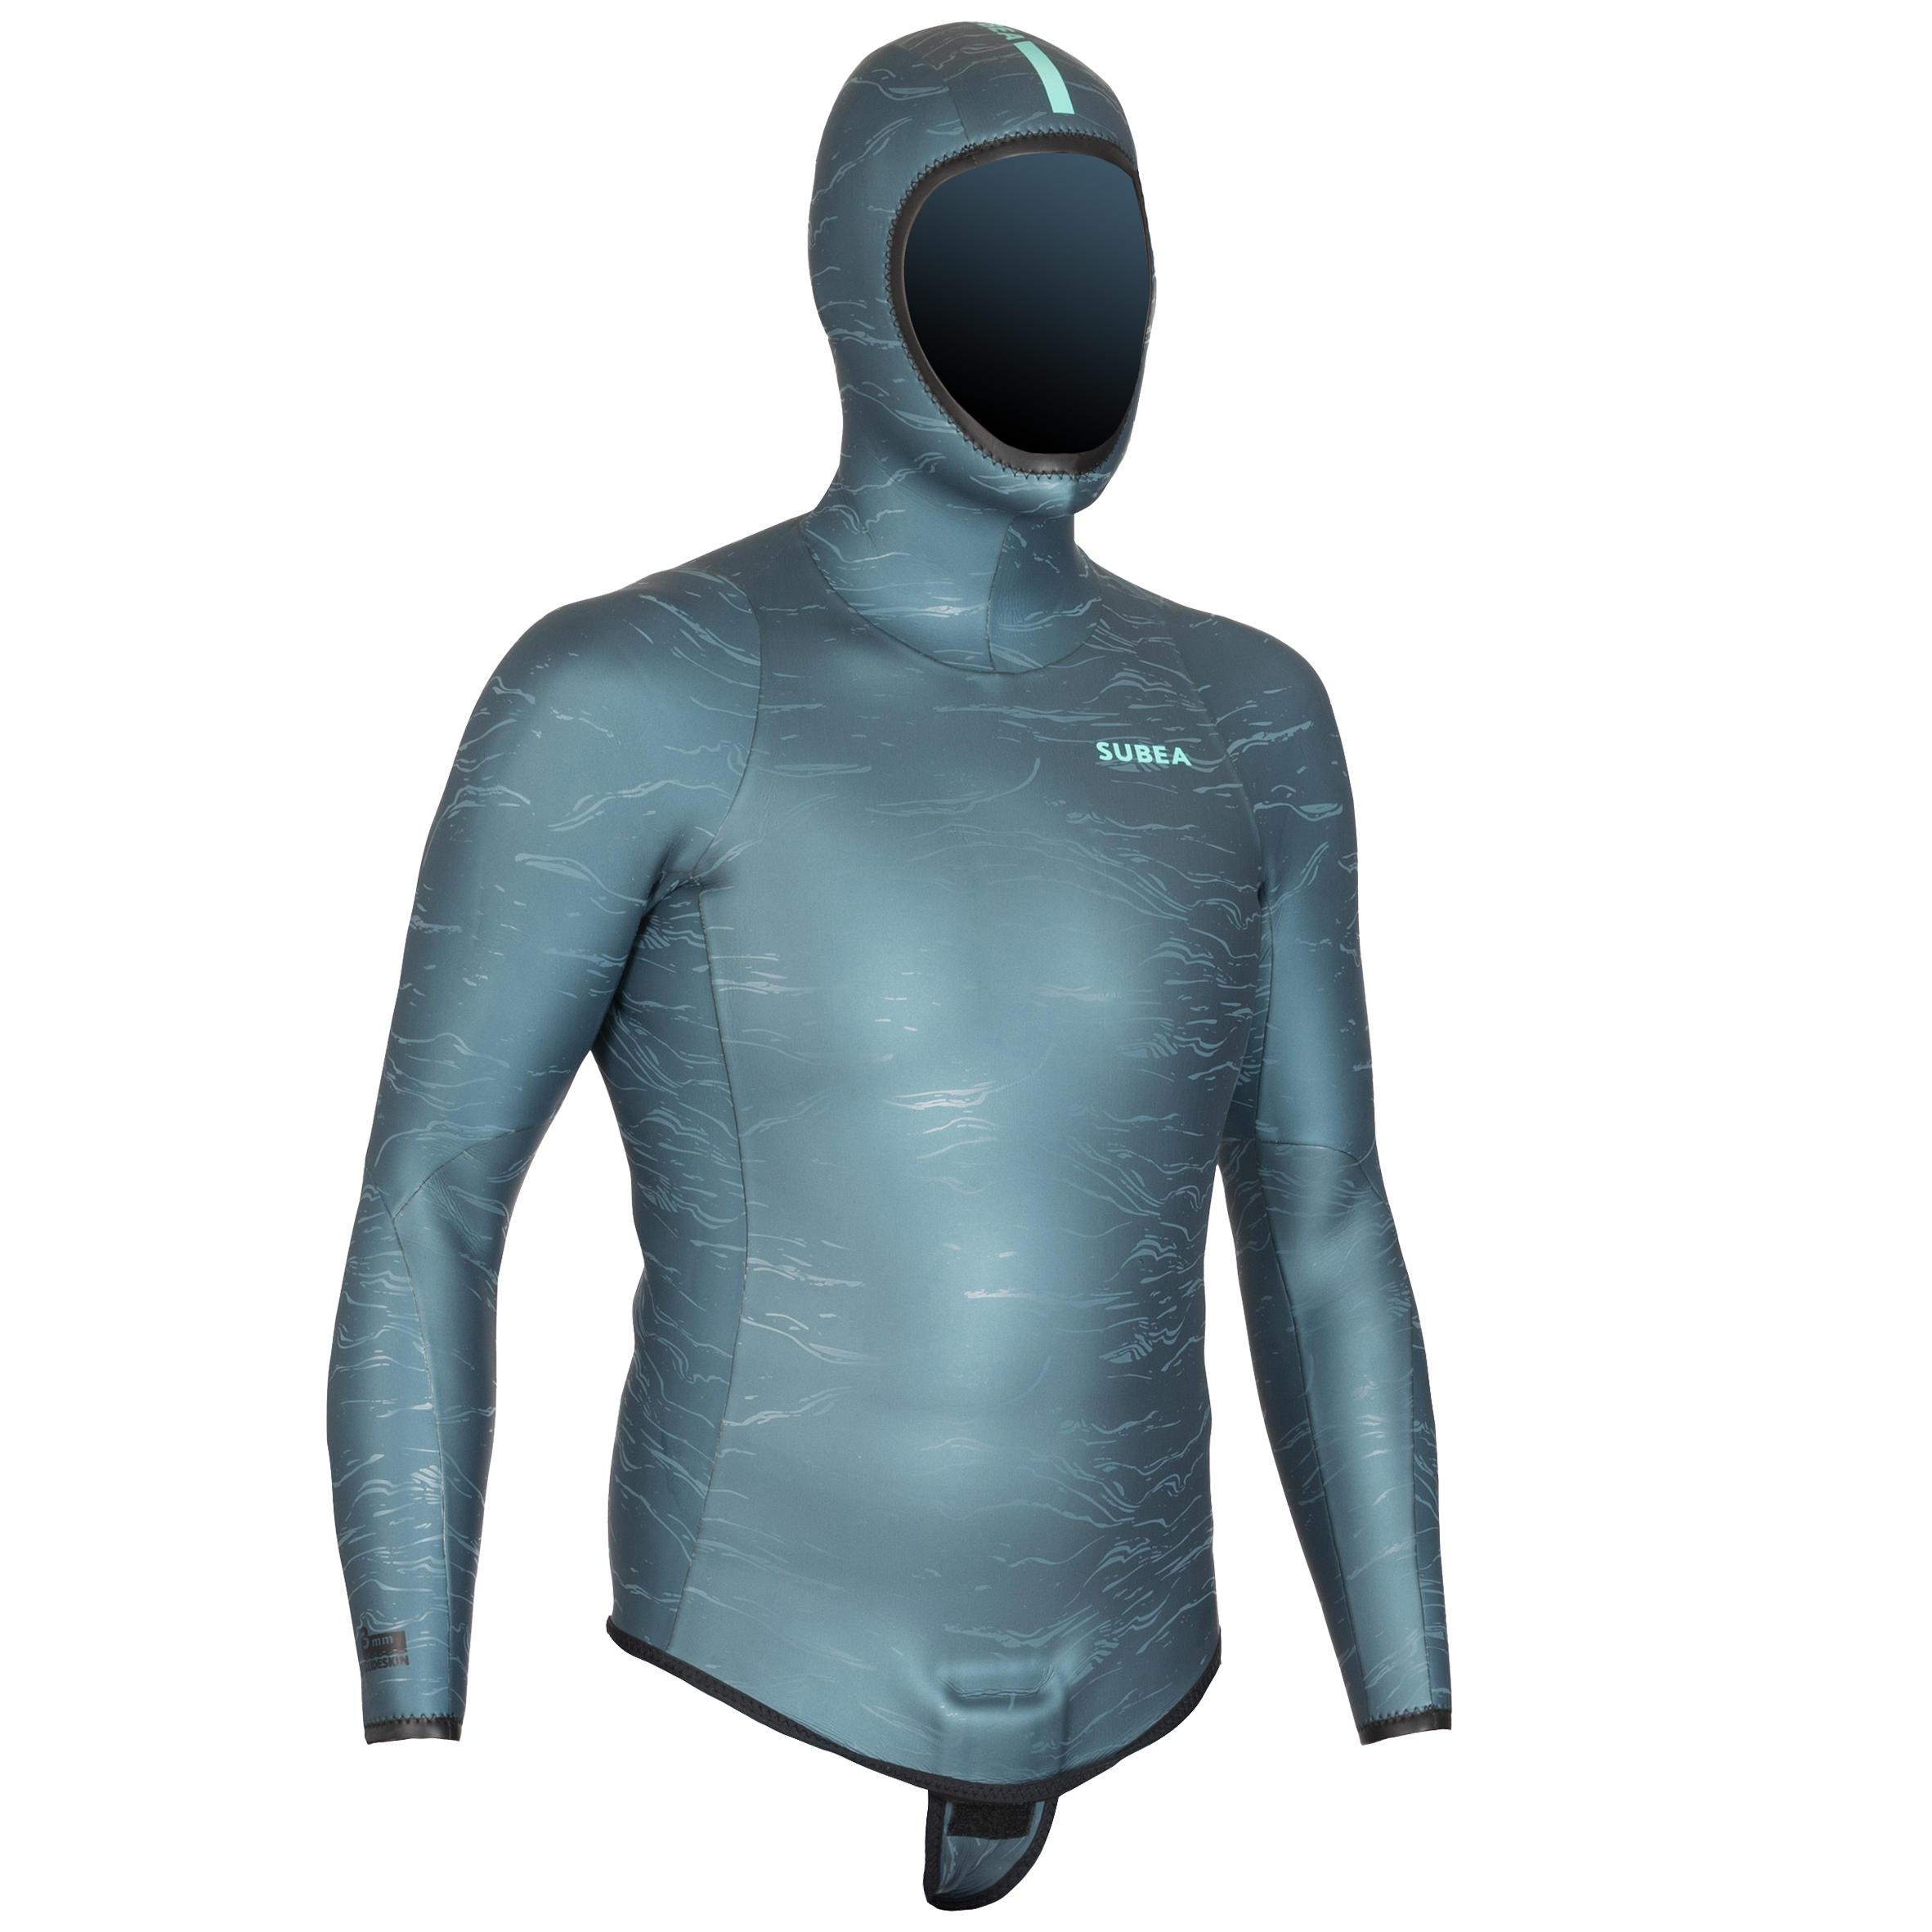 Subea Vest voor freediving-pak neopreen 3 mm FRD900 grijs print